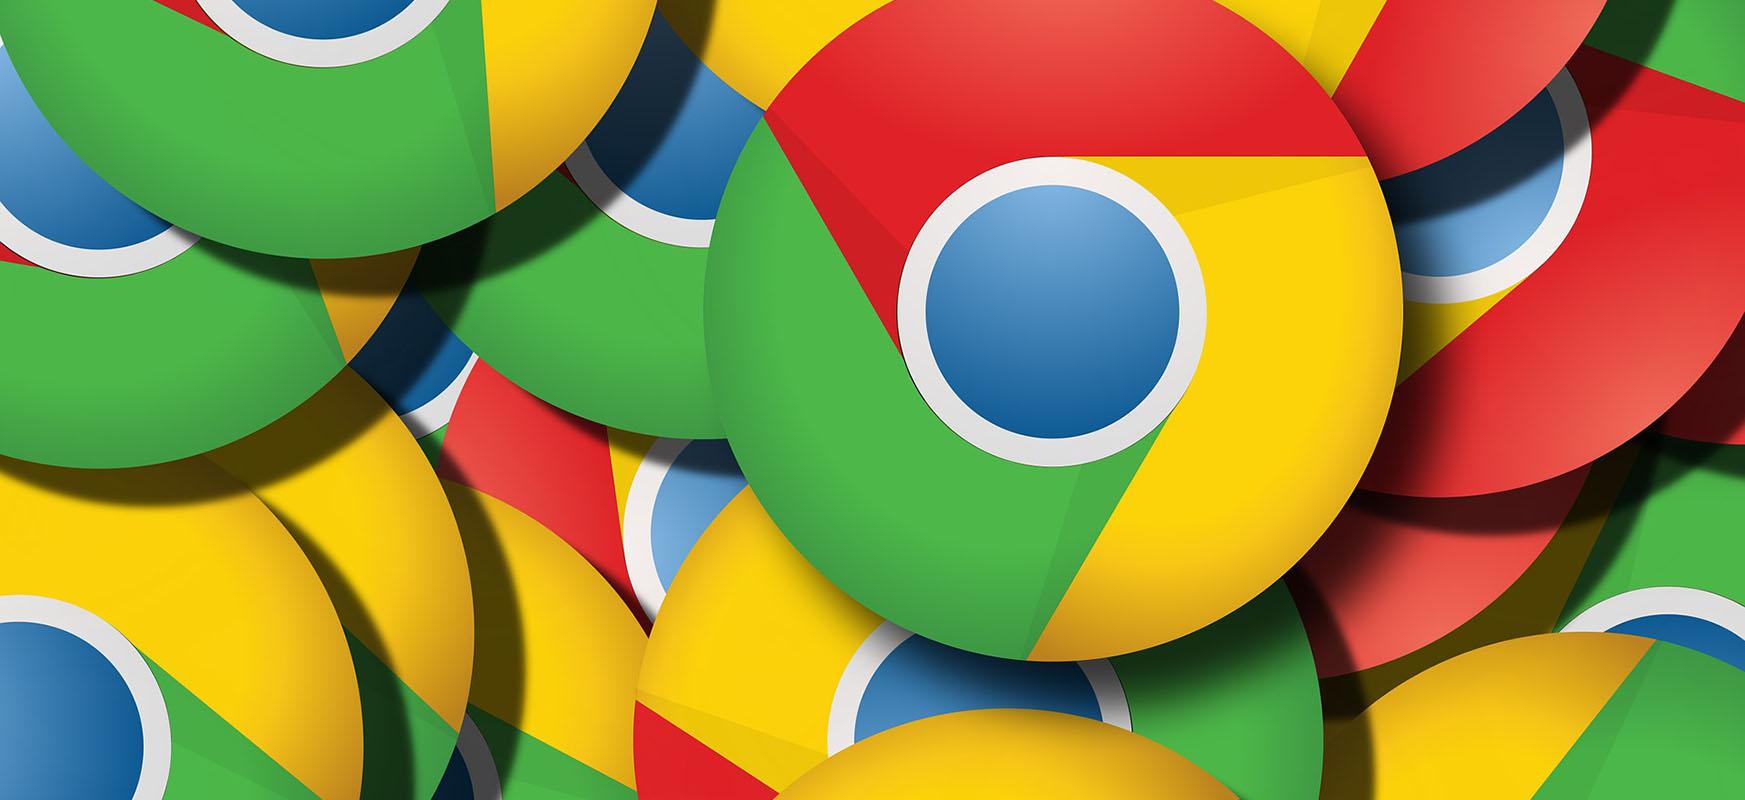 Chrome 81 dagoeneko dagoeneko.  Jakinarazpenak gogaikarriagoak izango dira